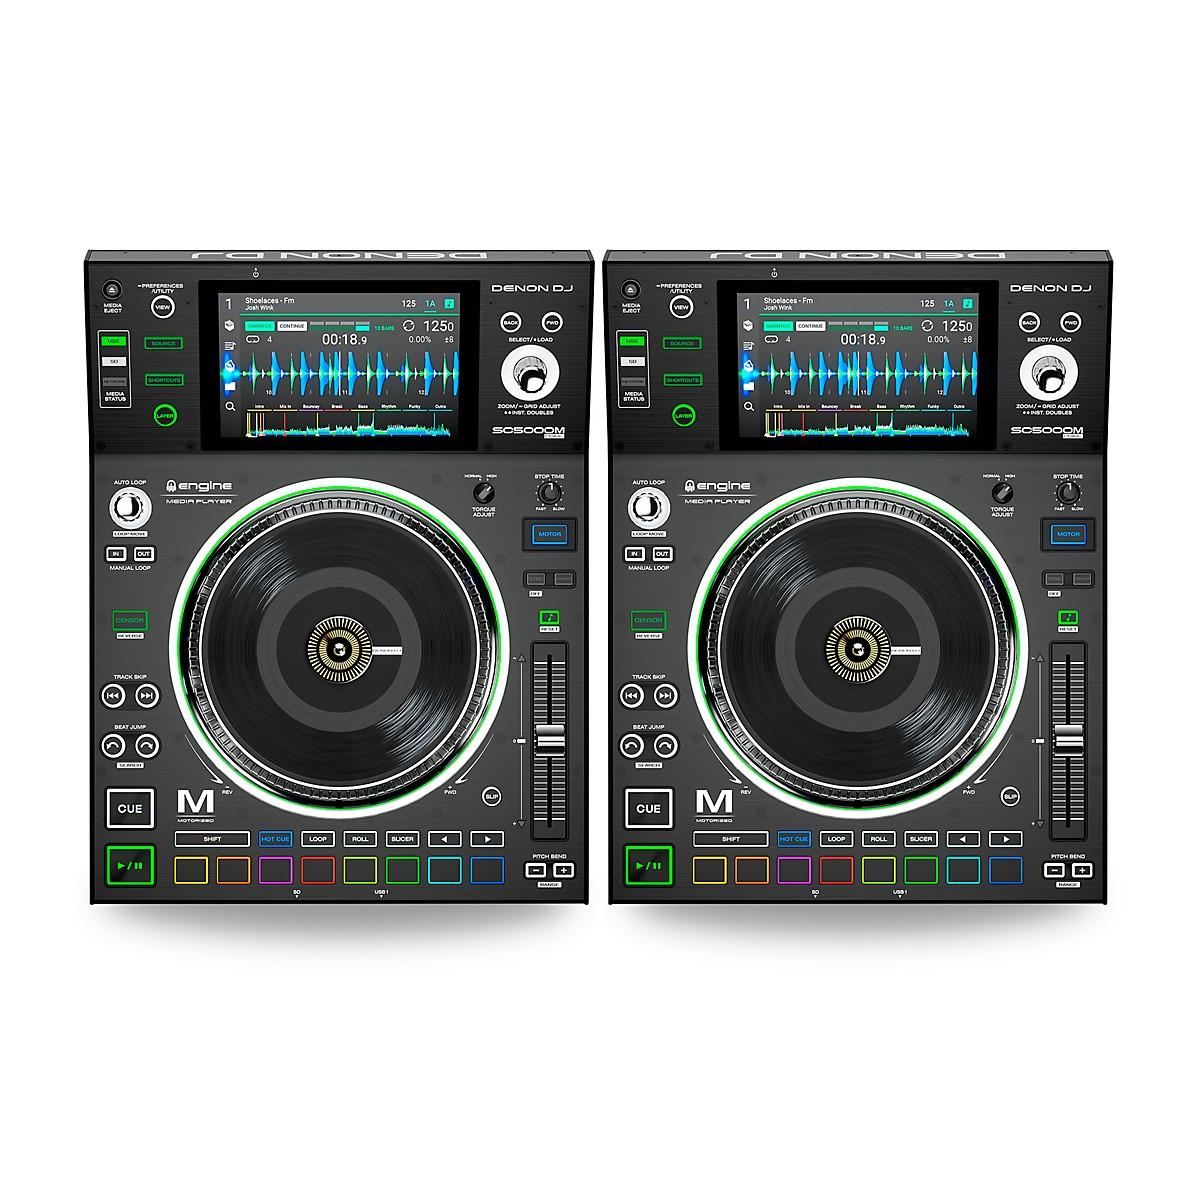 Denon SC5000M Prime Professional Motorized DJ Media Players (Pair)